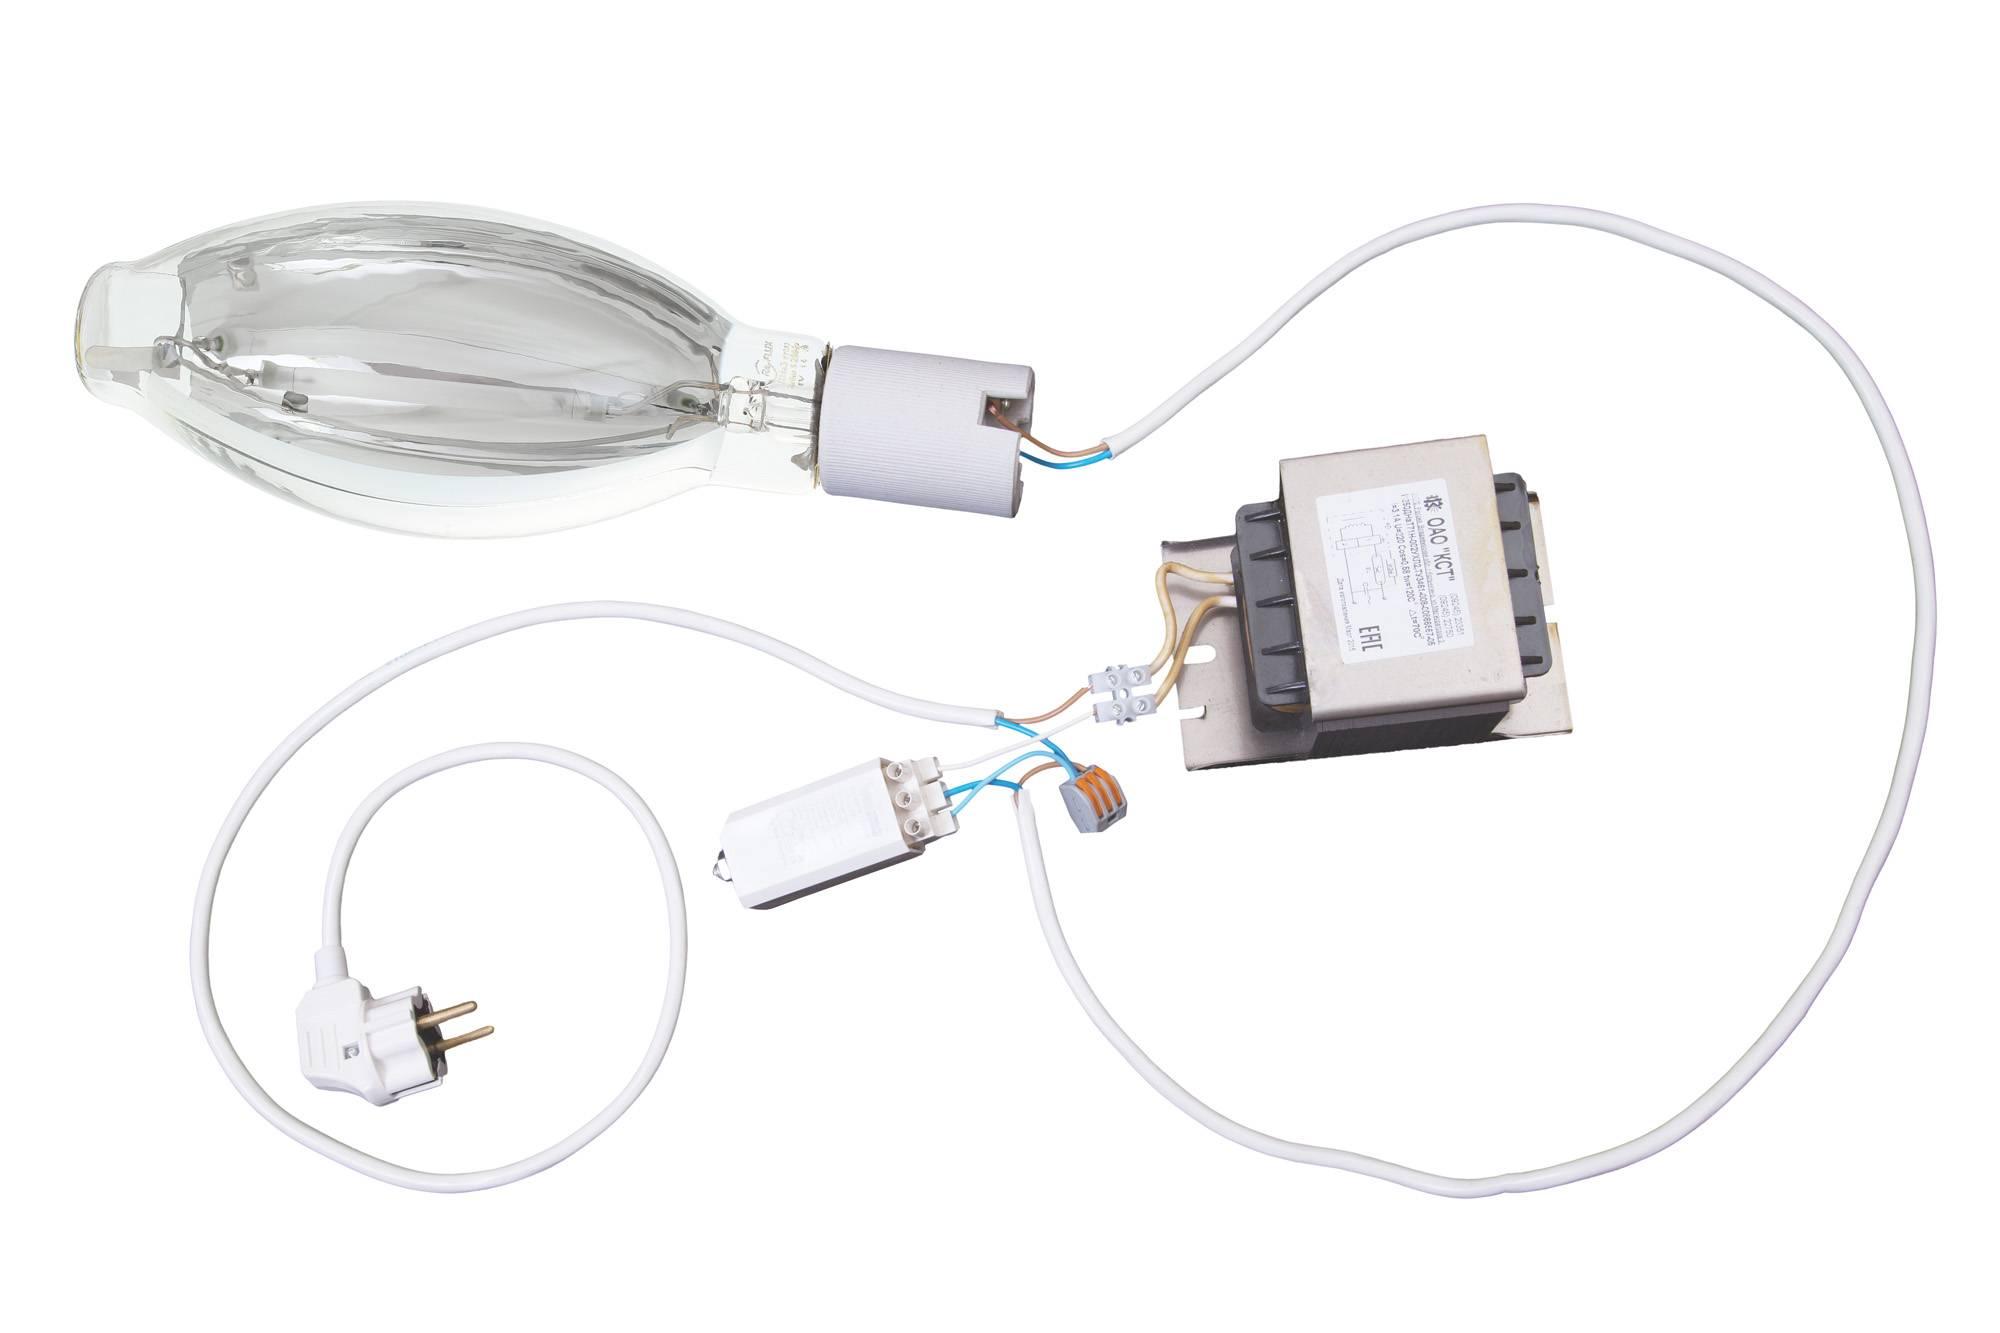 Лампа днат: что это, какие бывают натриевые лампы высокого и низкого давления, схема подключения, использование для растений